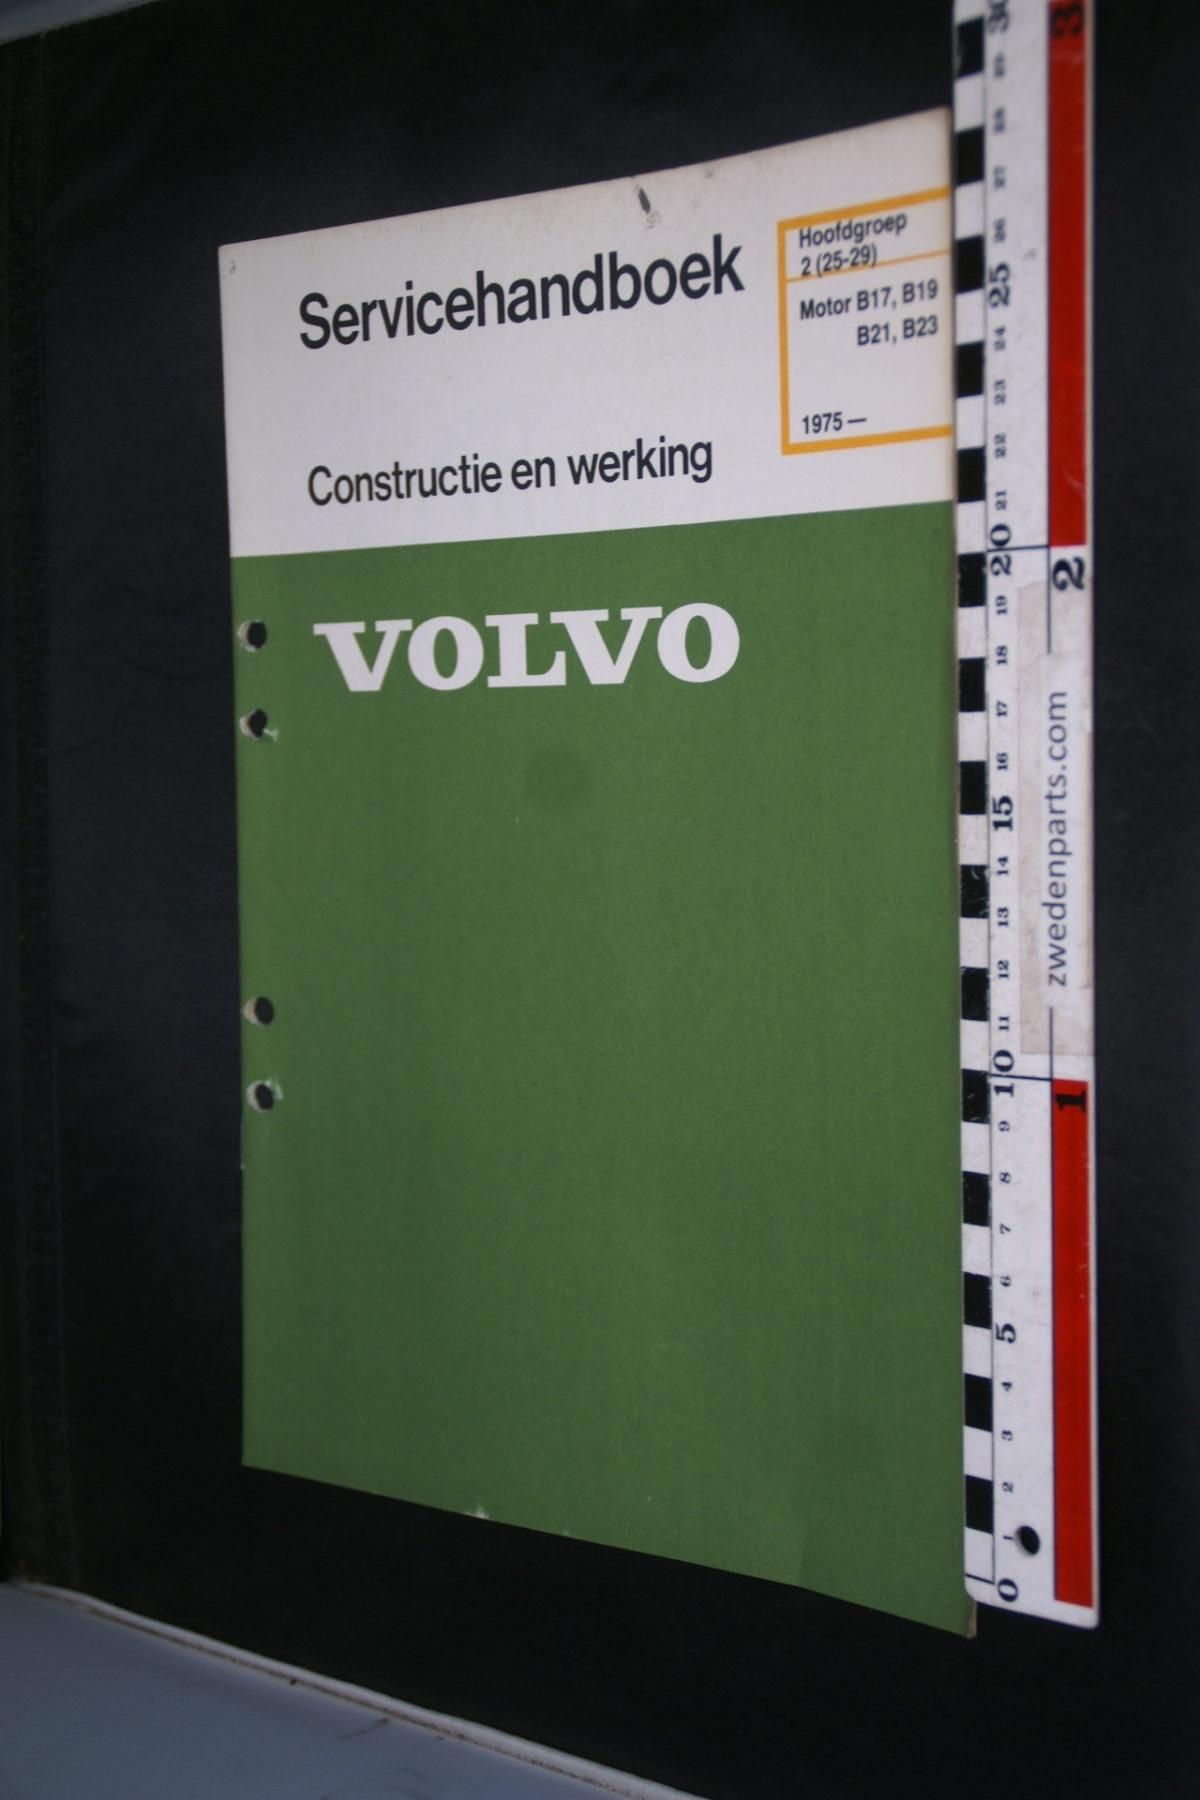 DSC08485 1981 origineel Volvo servicehandboek  2 (25-29) motor B19, B21, B23 1 van 800 TP 30330-1